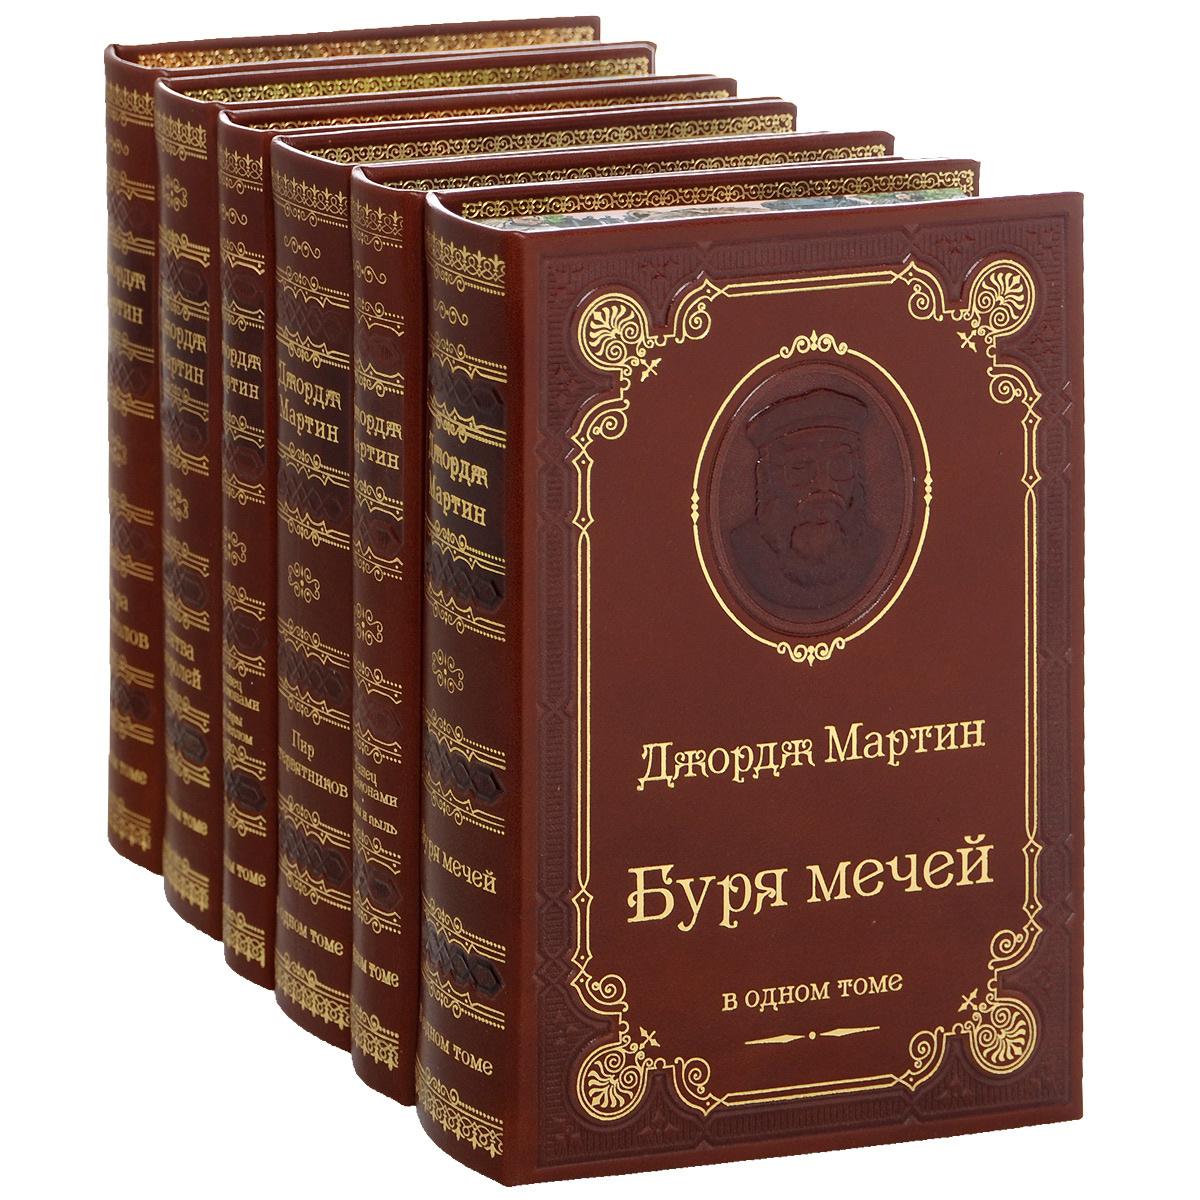 Джордж Мартин (подарочный комплект из 6 книг) | Мартин Джордж Рэймонд Ричард  #1